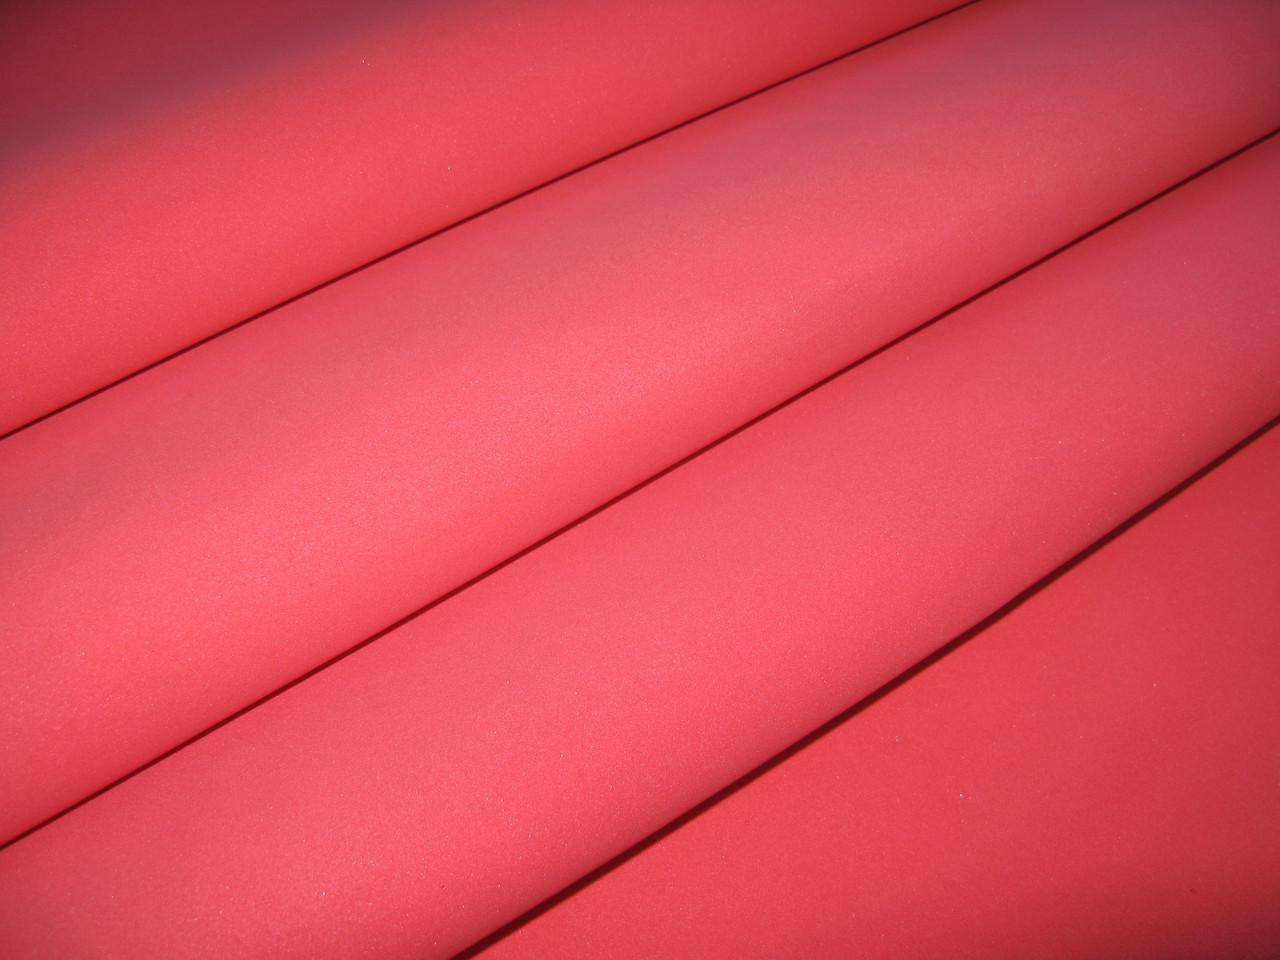 Фоамиран китайский красный  1 мм 15 грн от 10 шт.